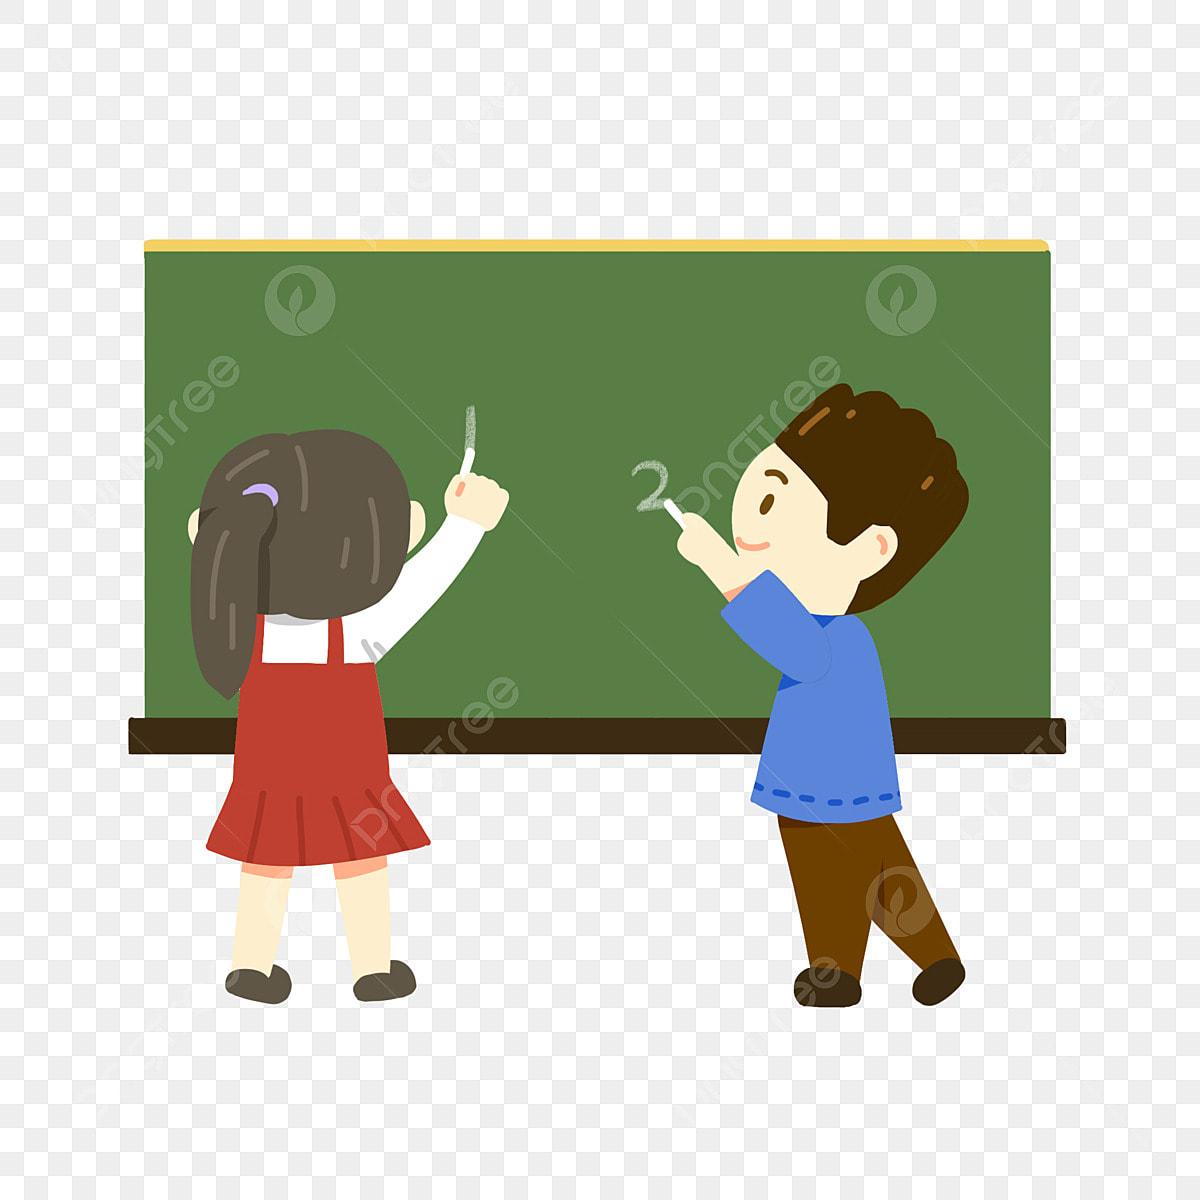 لطيف التلاميذ يذهبون إلى المدارس ودراسة الطلاب العودة من المدرسة التلميذ رسم لطيف لطيف الطفل الكتابة على السبورة طفل لطيف قليلا في القراءة دراسة عربي مشهد Png وملف Psd للتحميل مجانا